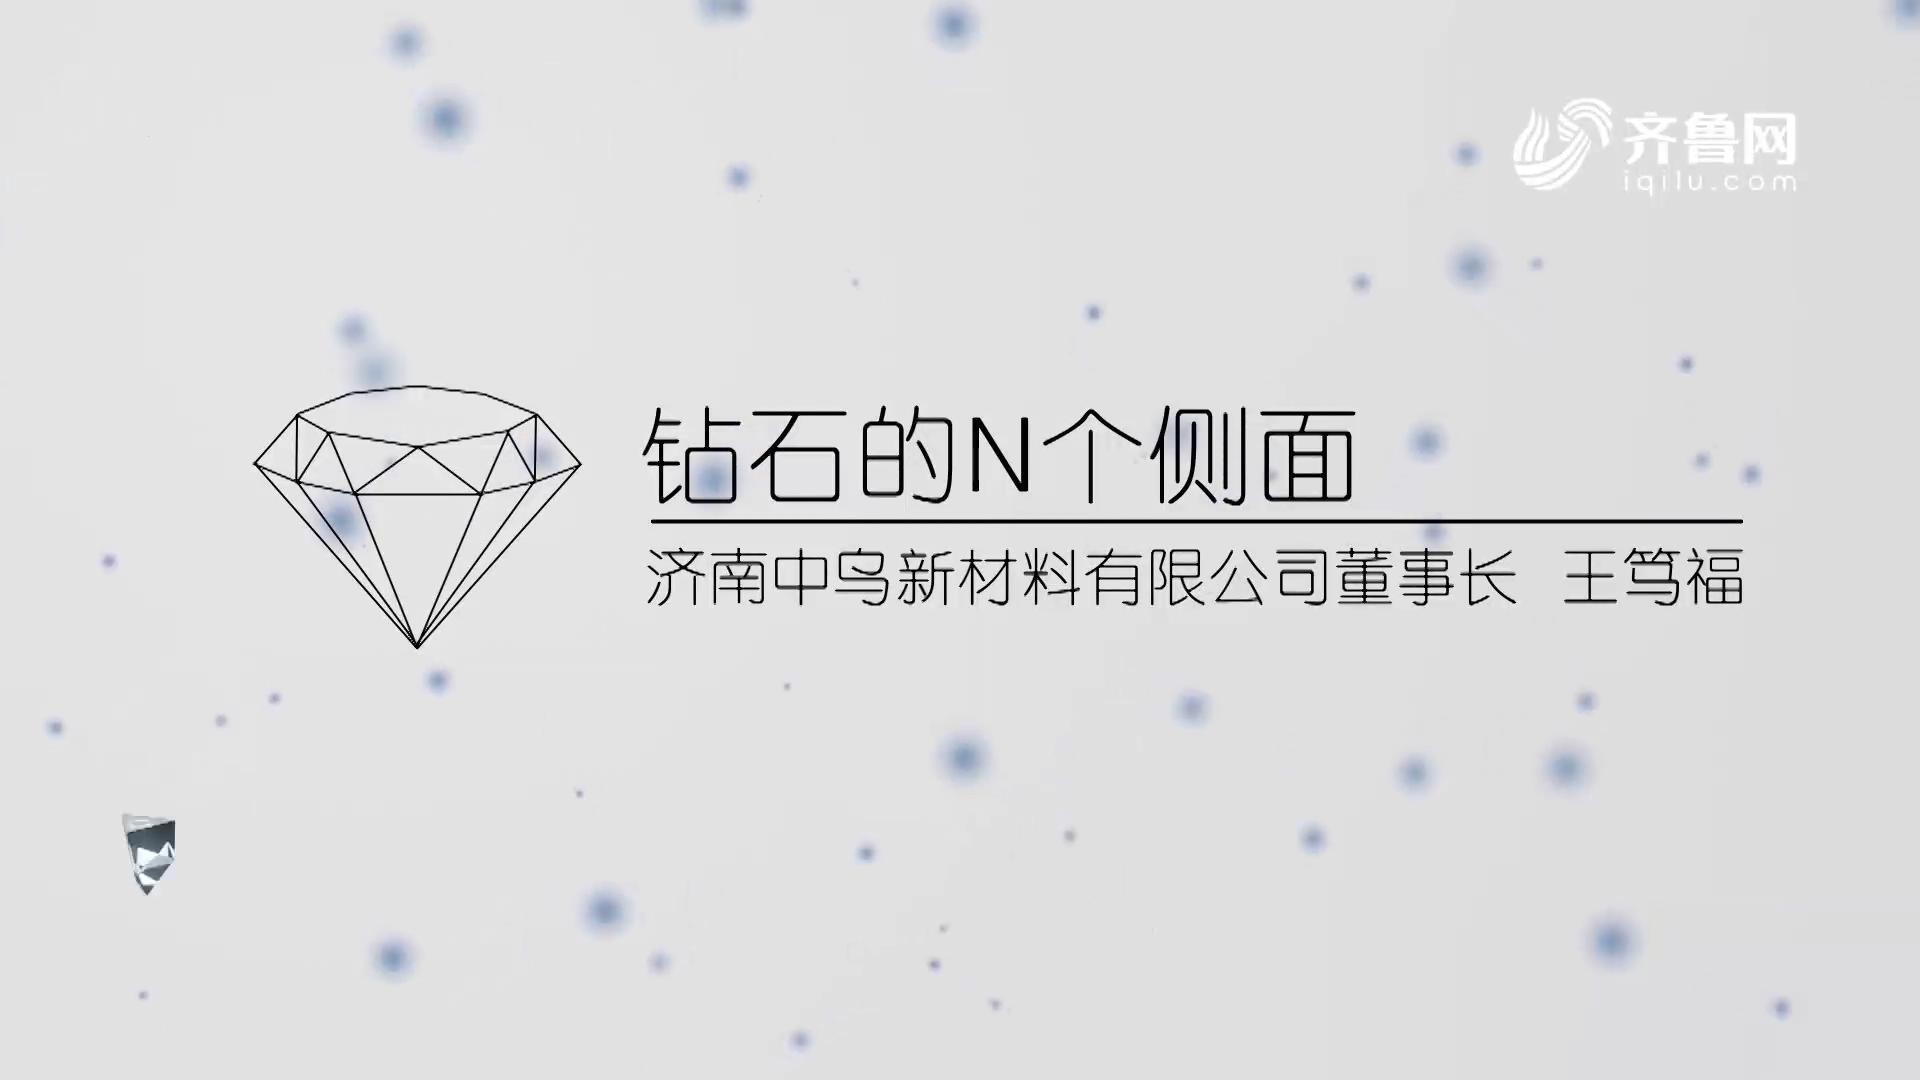 钻石的N个侧面-王笃福